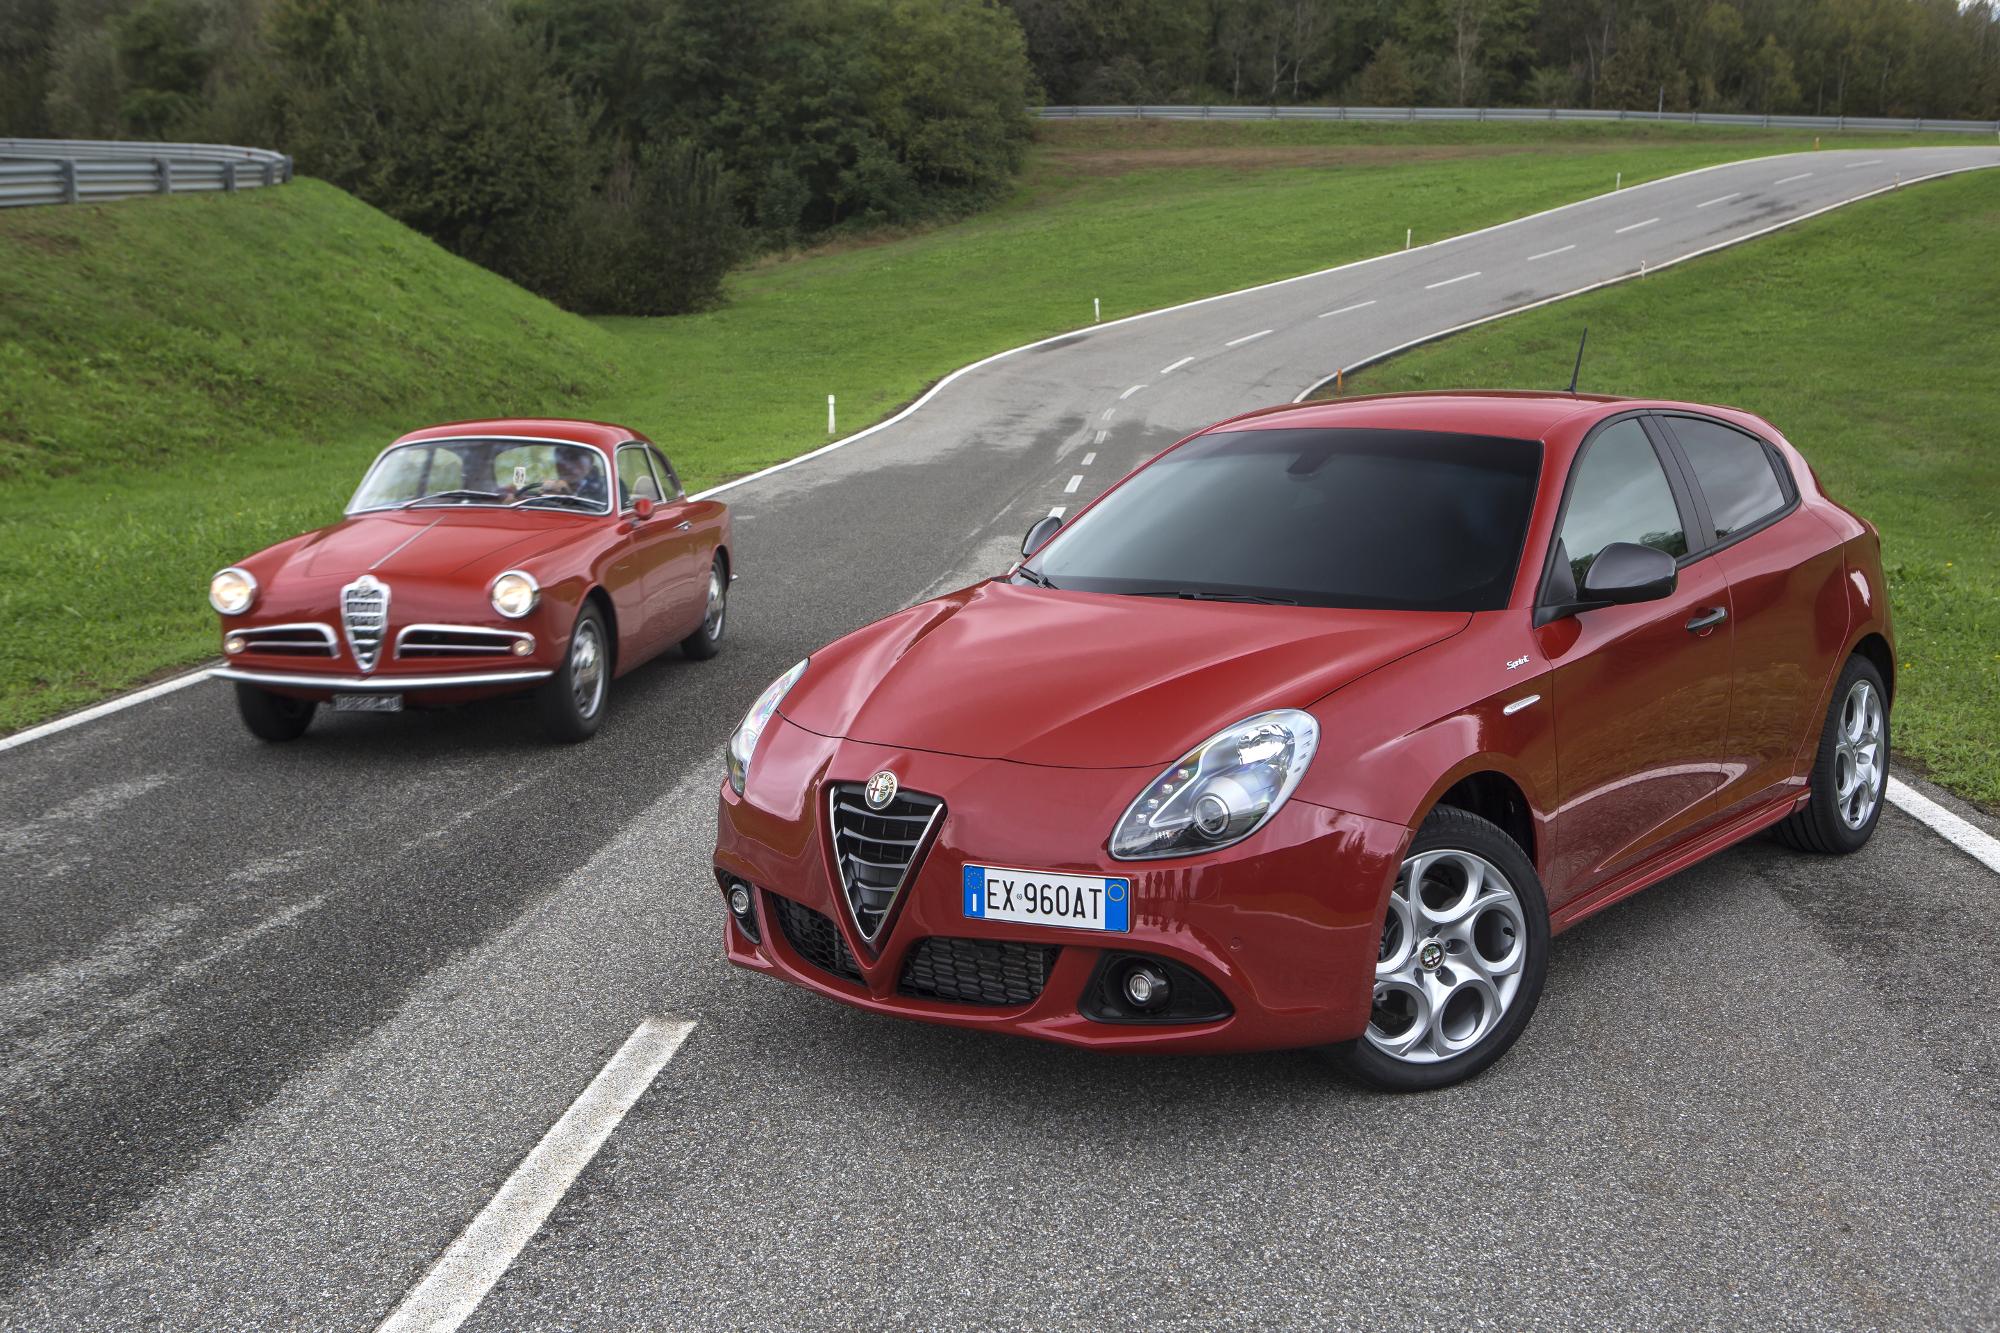 Soixante ans sépare ses deux Giulietta. En dehors du nom, la filiation n'est pas évidente...